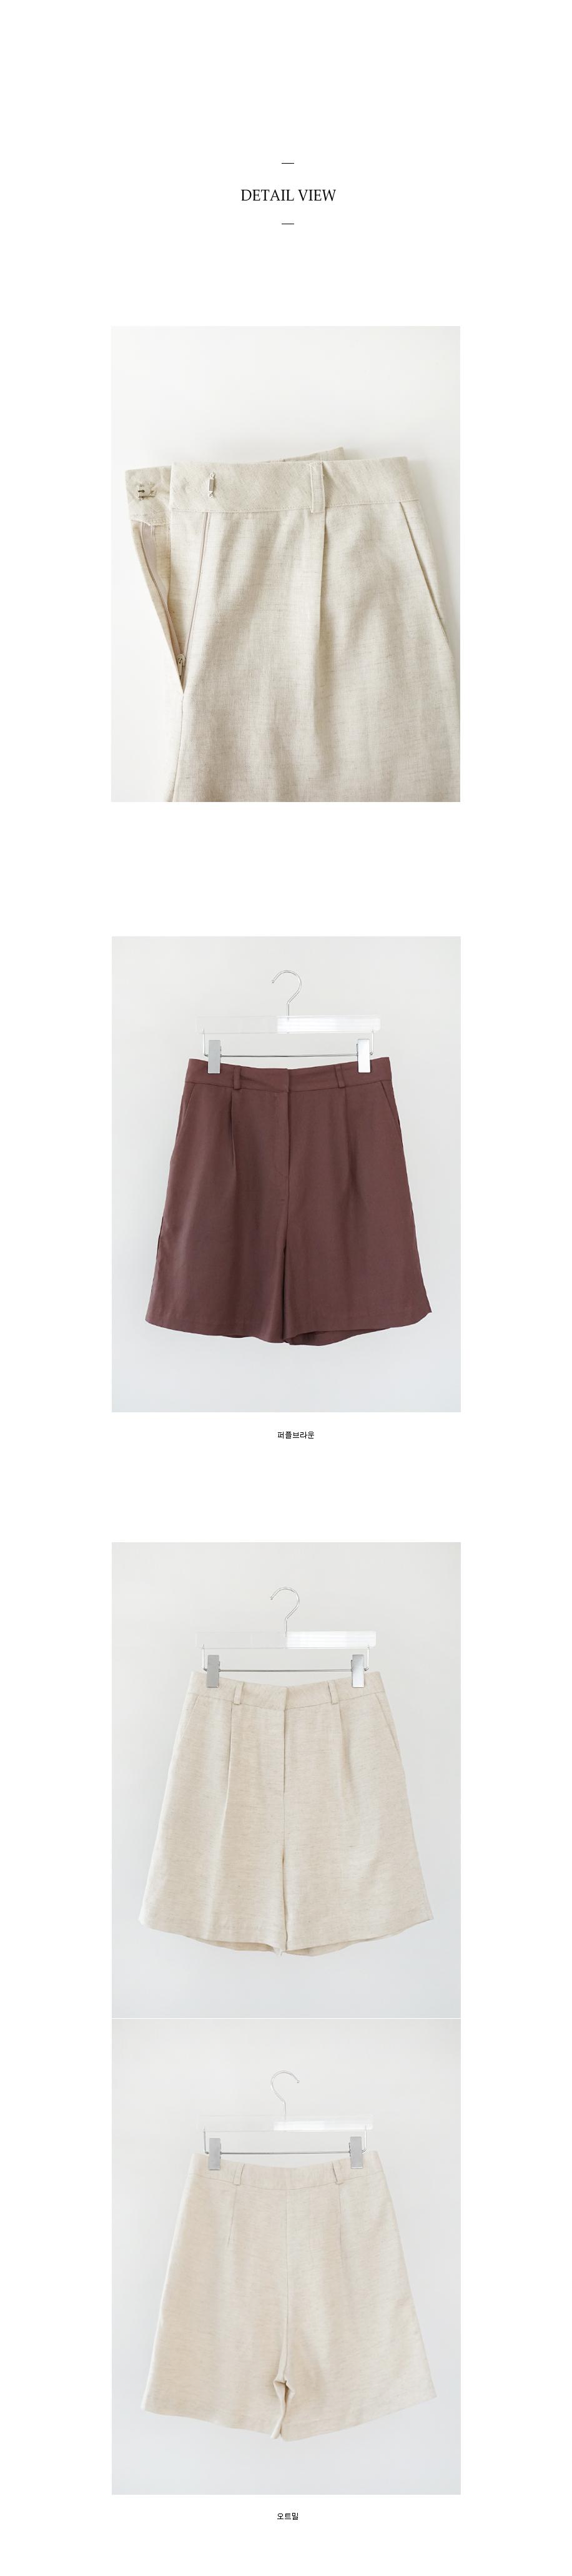 dandy boy mild shorts (2colors)